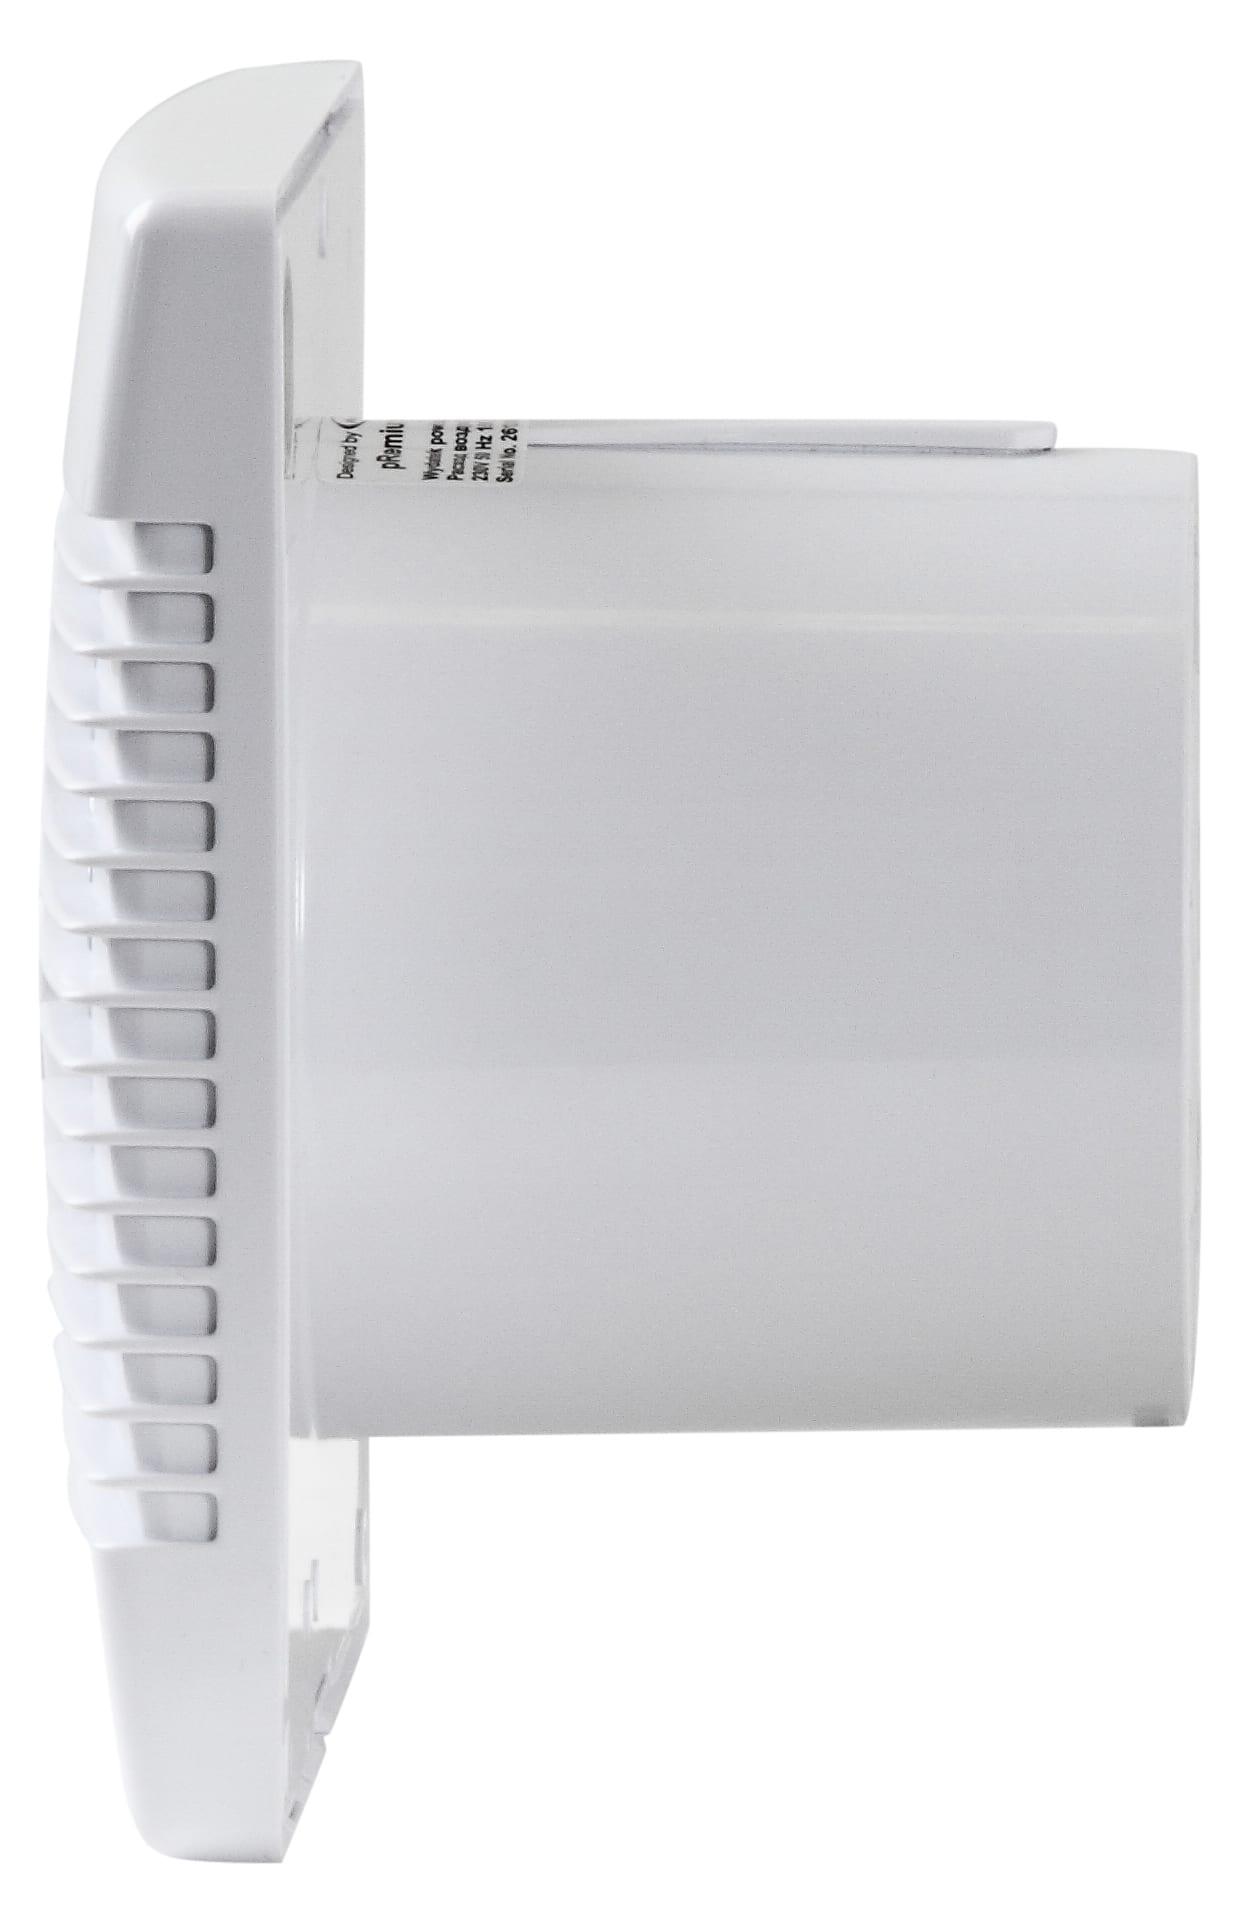 Picture of: Premium Ventilator Til Badevaerelse Timer